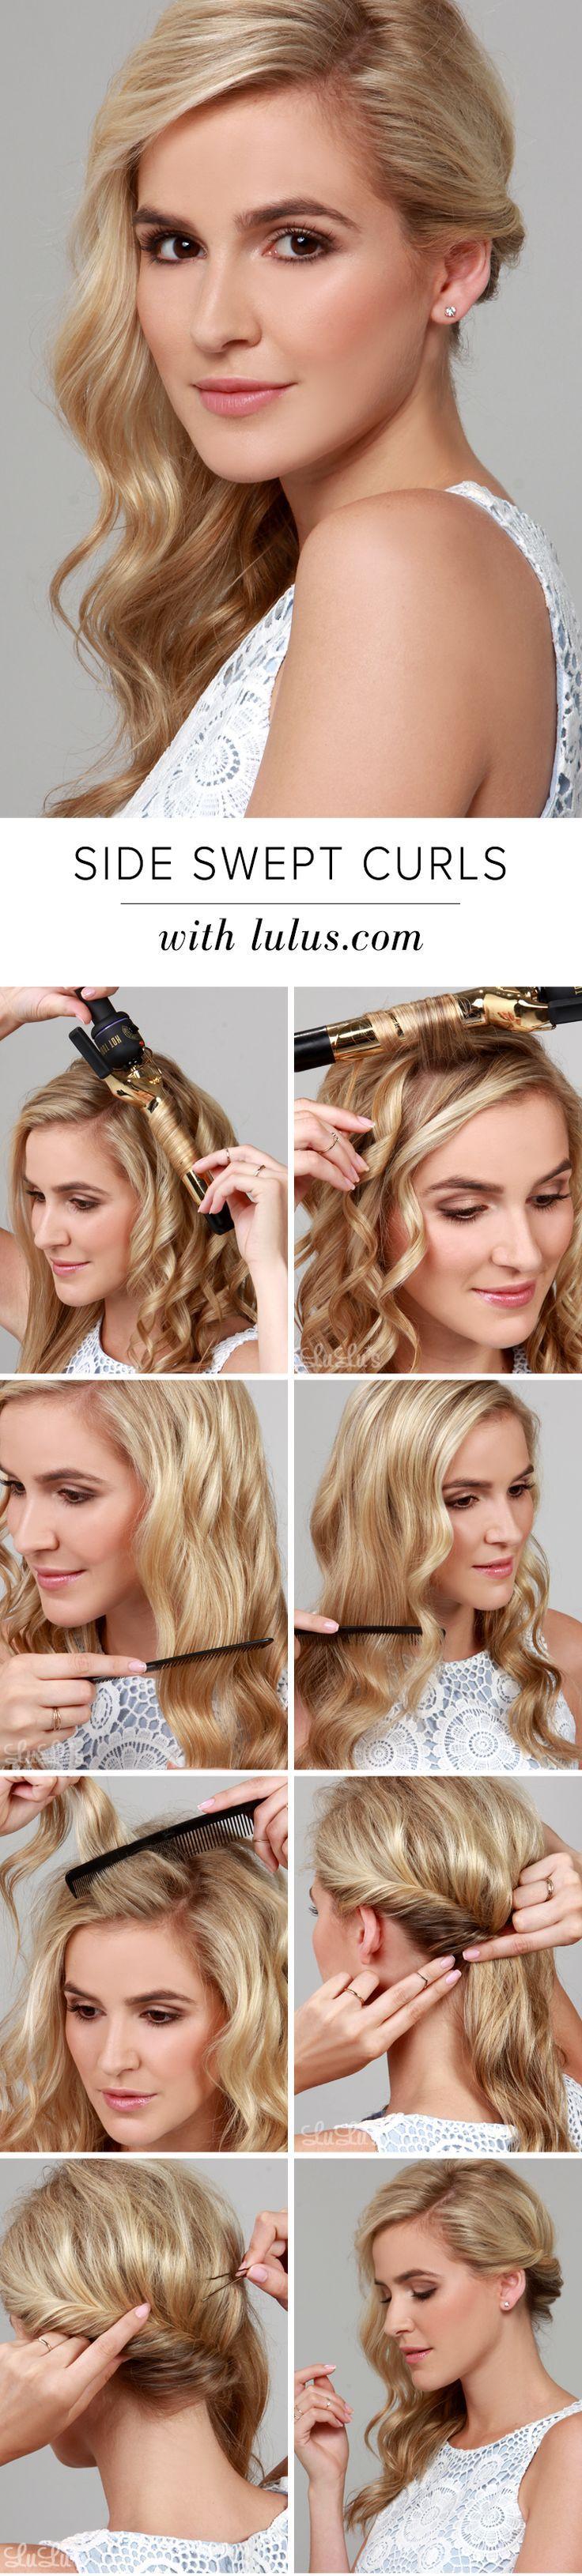 Peinado ondulado. | HAIR - Style Ideas | Pinterest | Curl hair ...